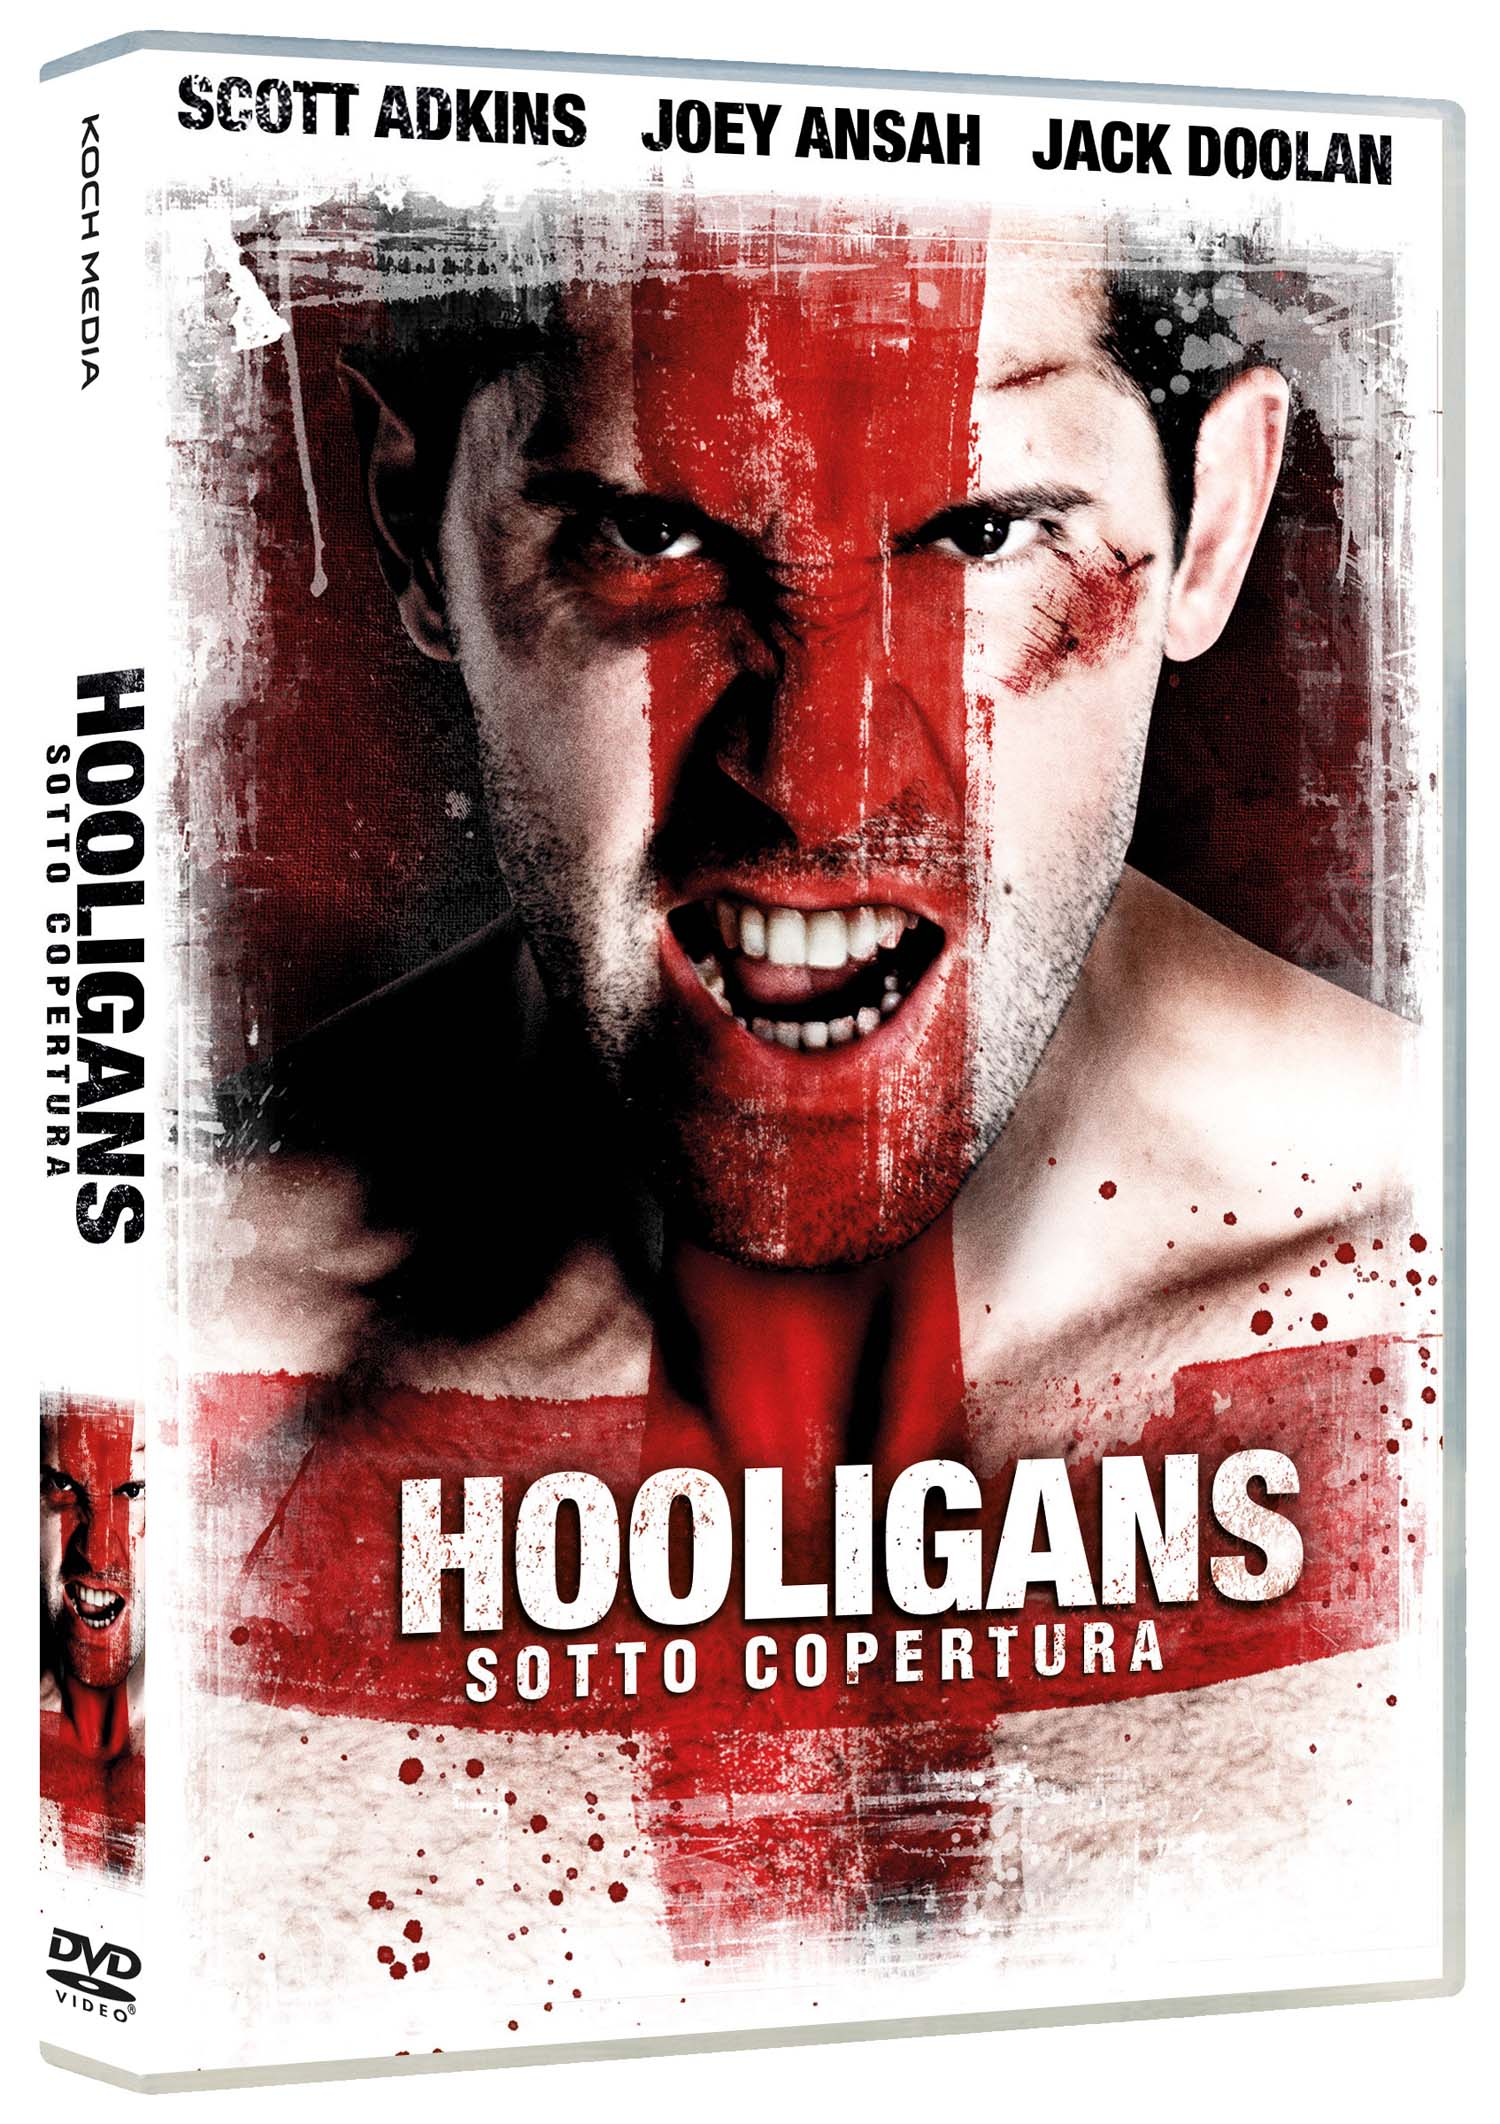 HOOLIGANS SOTTO COPERTURA (DVD)